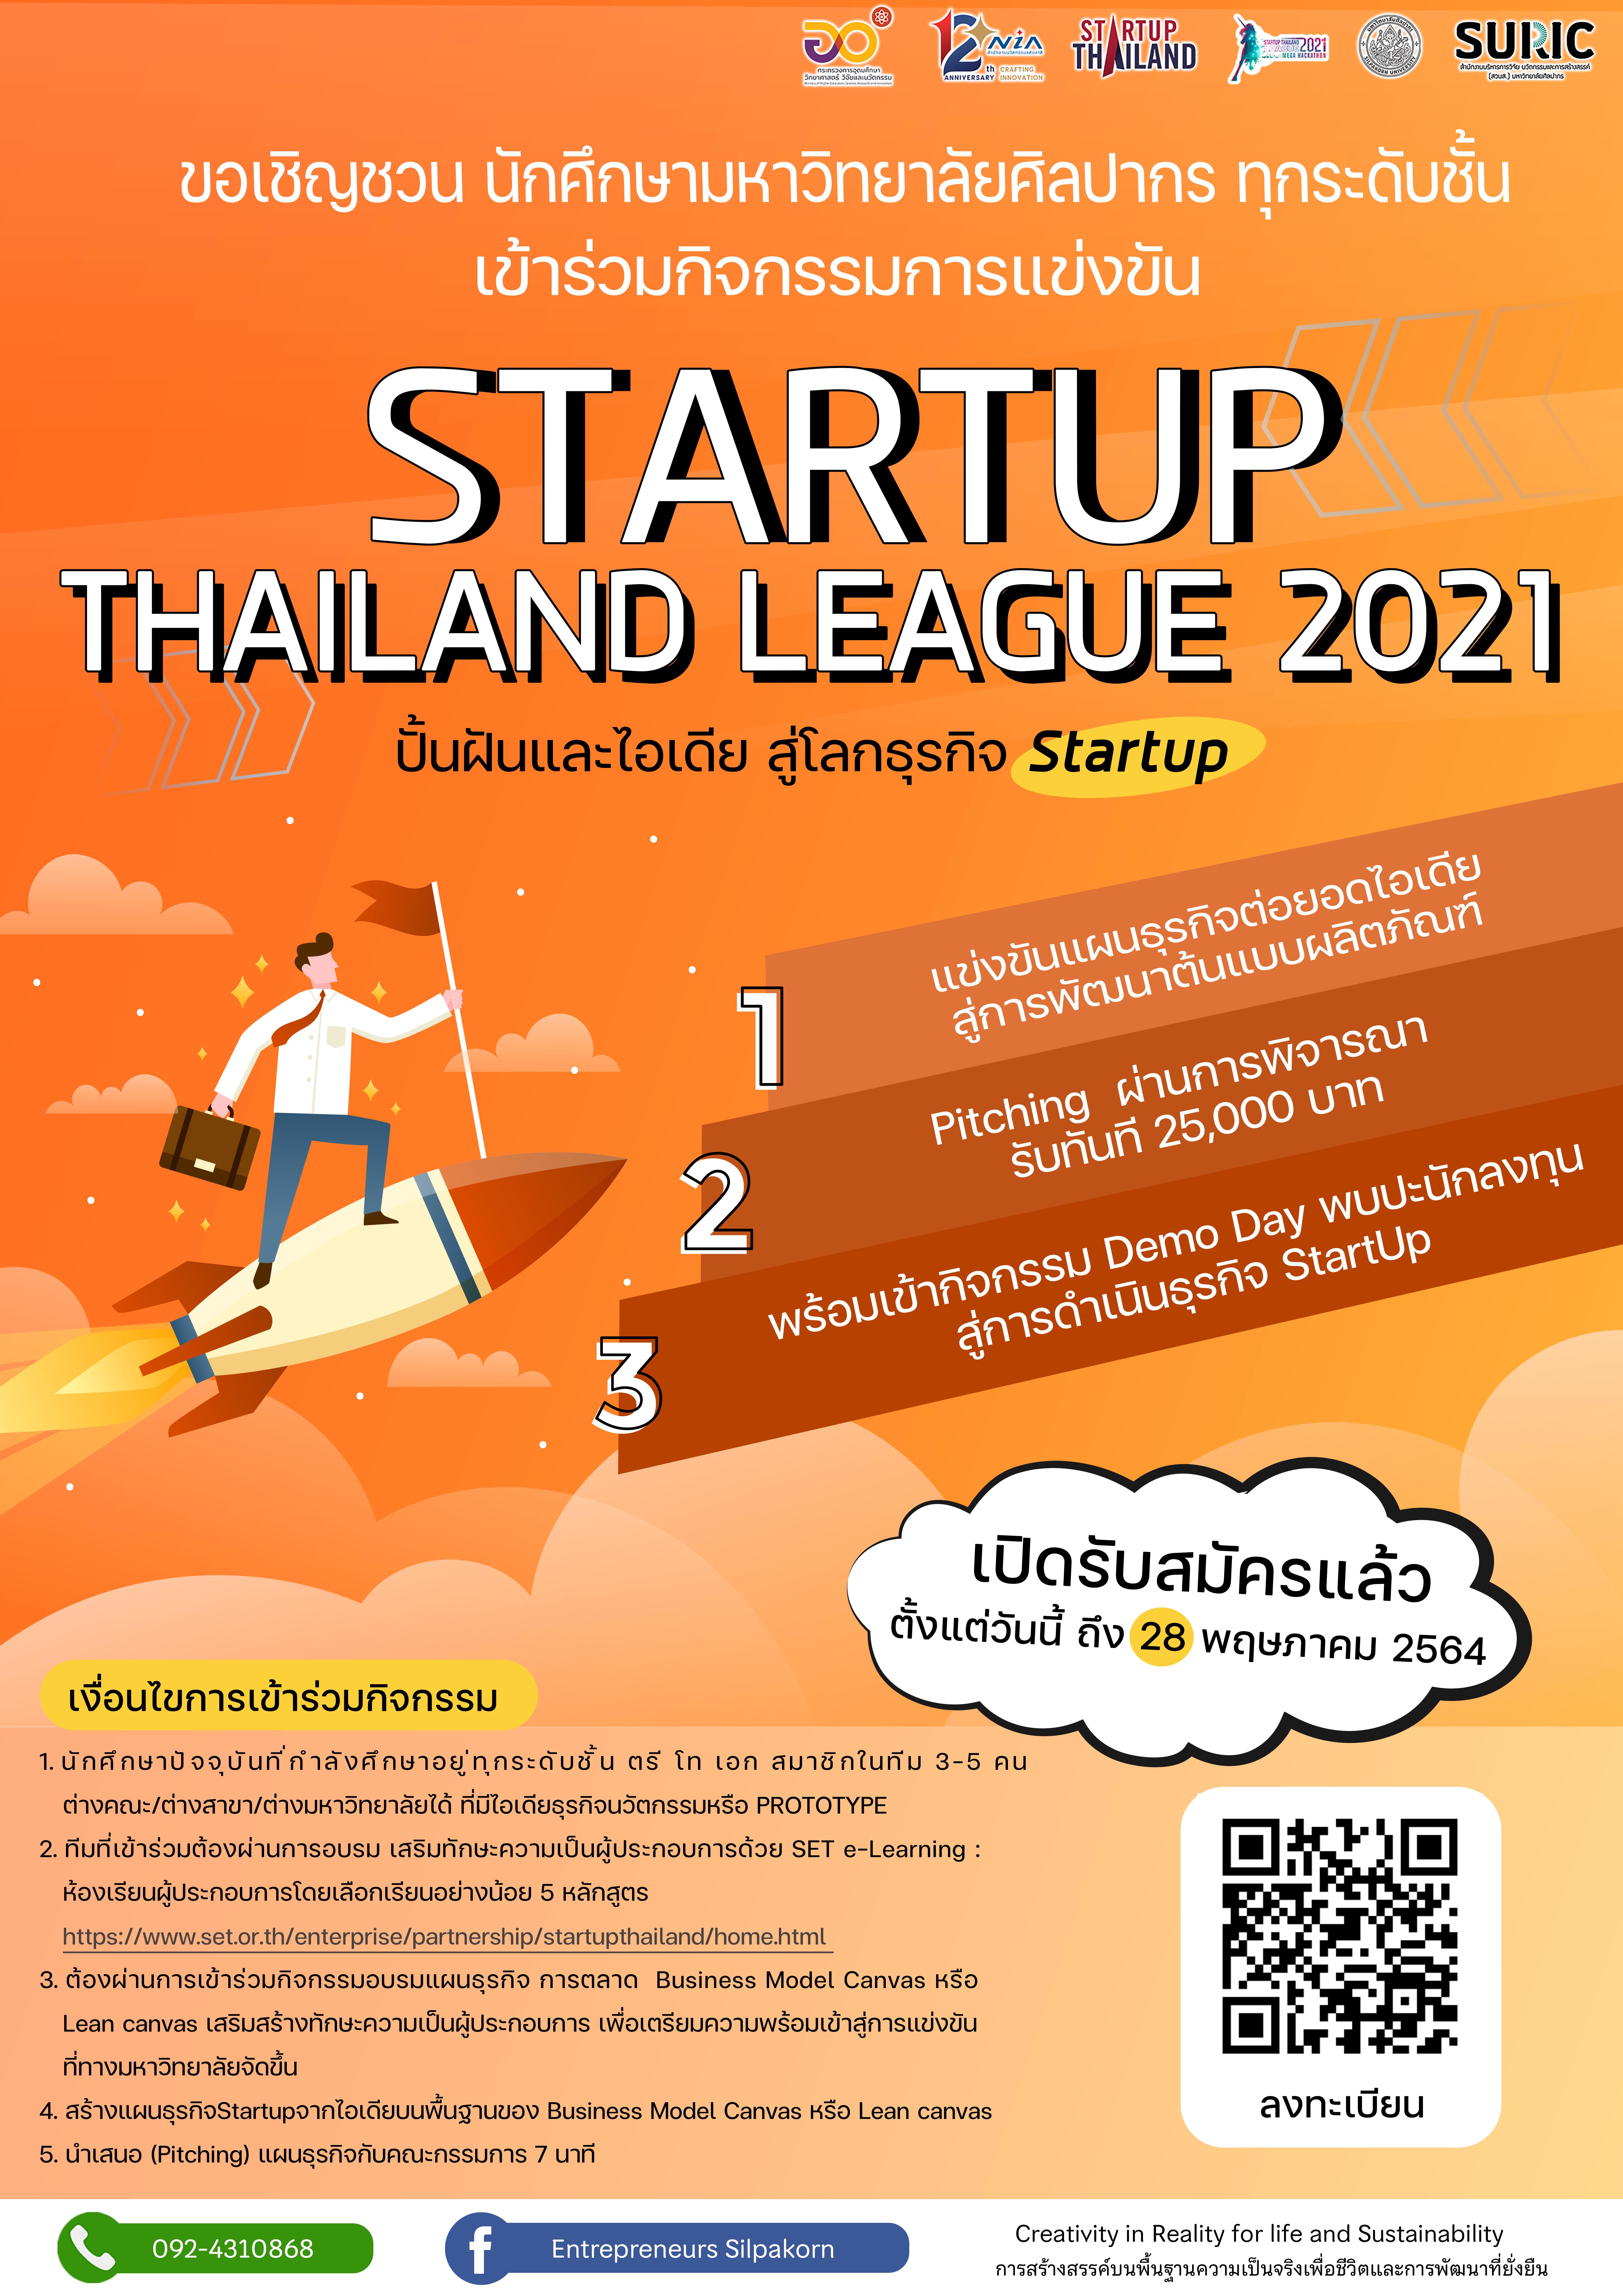 Startup Thailand League 2021แข่งขันแผนธุรกิจ ต่อยอดไอเดีย สู่การพัฒนาต้นแบบผลิตภัณฑ์